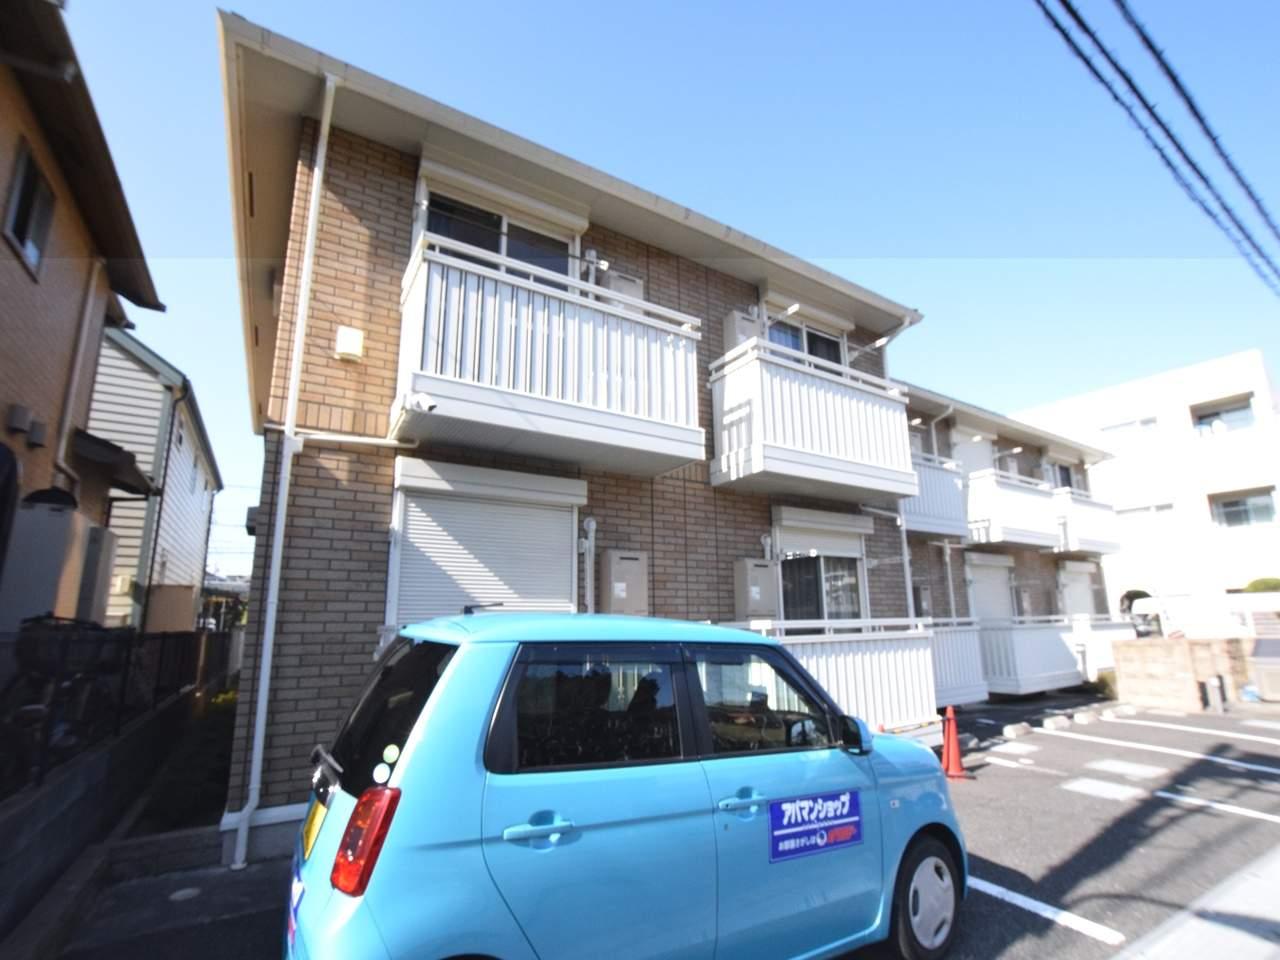 東京都八王子市、八王子みなみ野駅徒歩8分の築8年 2階建の賃貸アパート